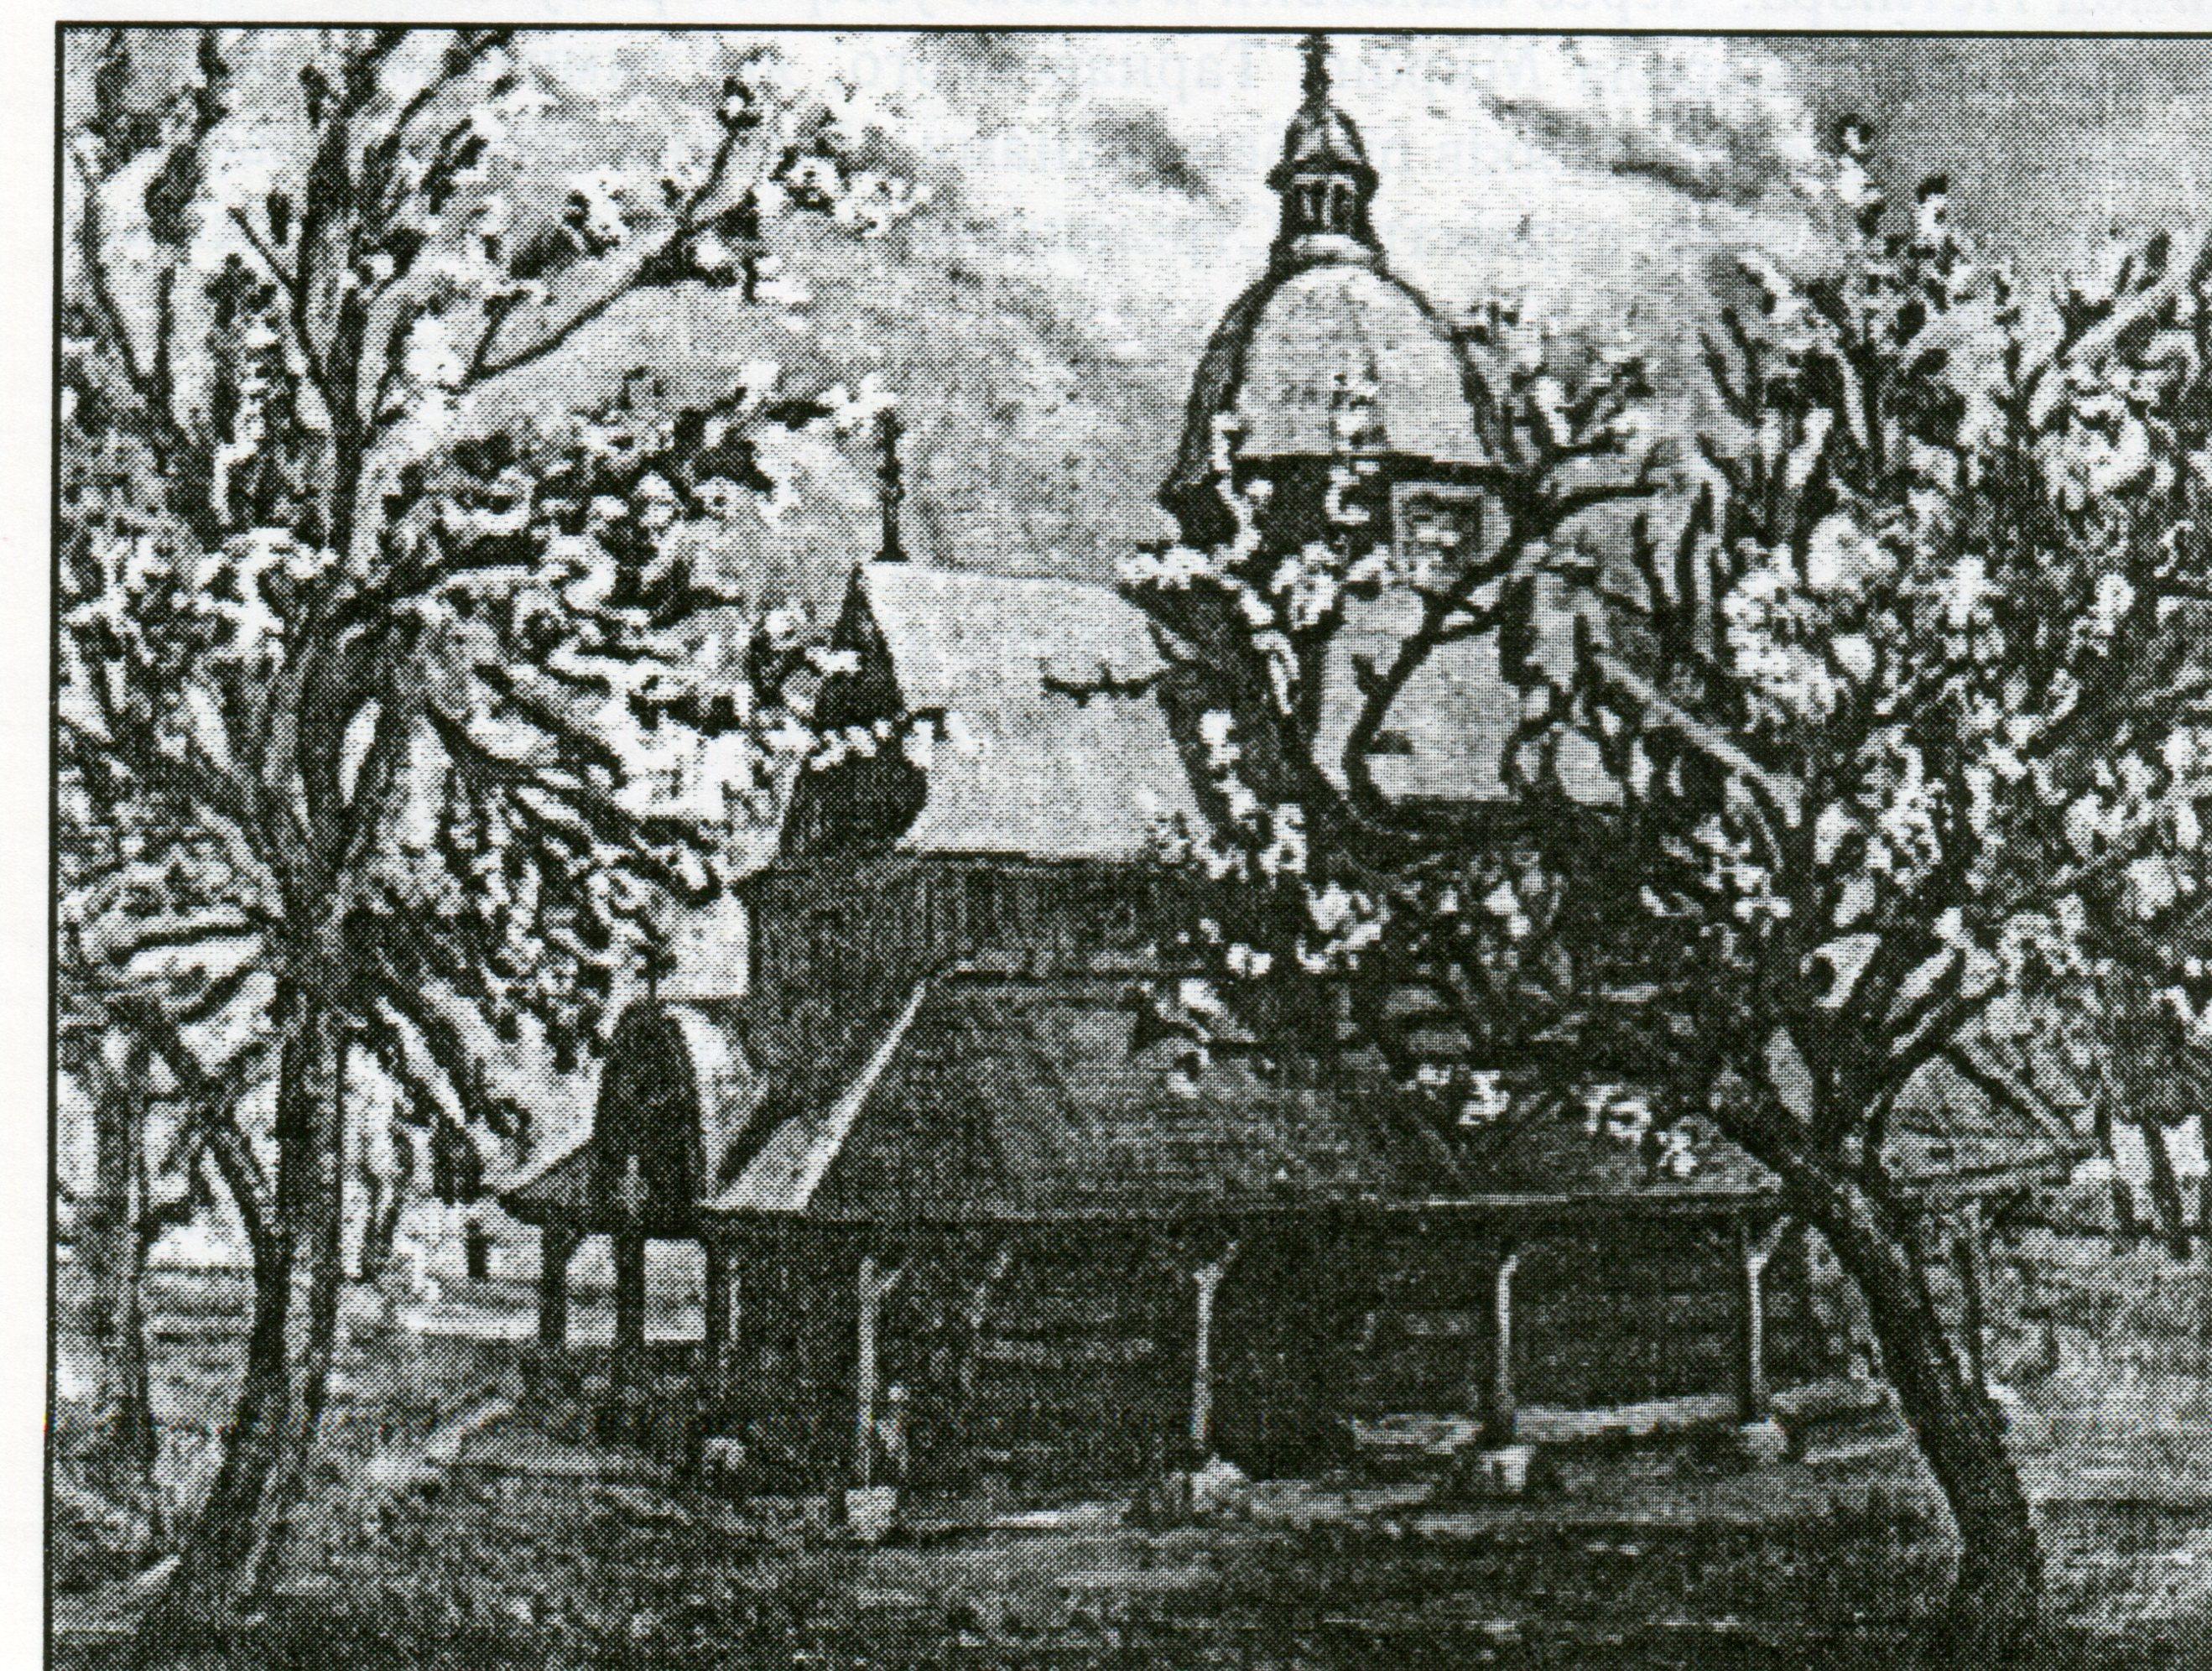 Церква на Адамівці в Бережанах. Малюнок В. Савчака